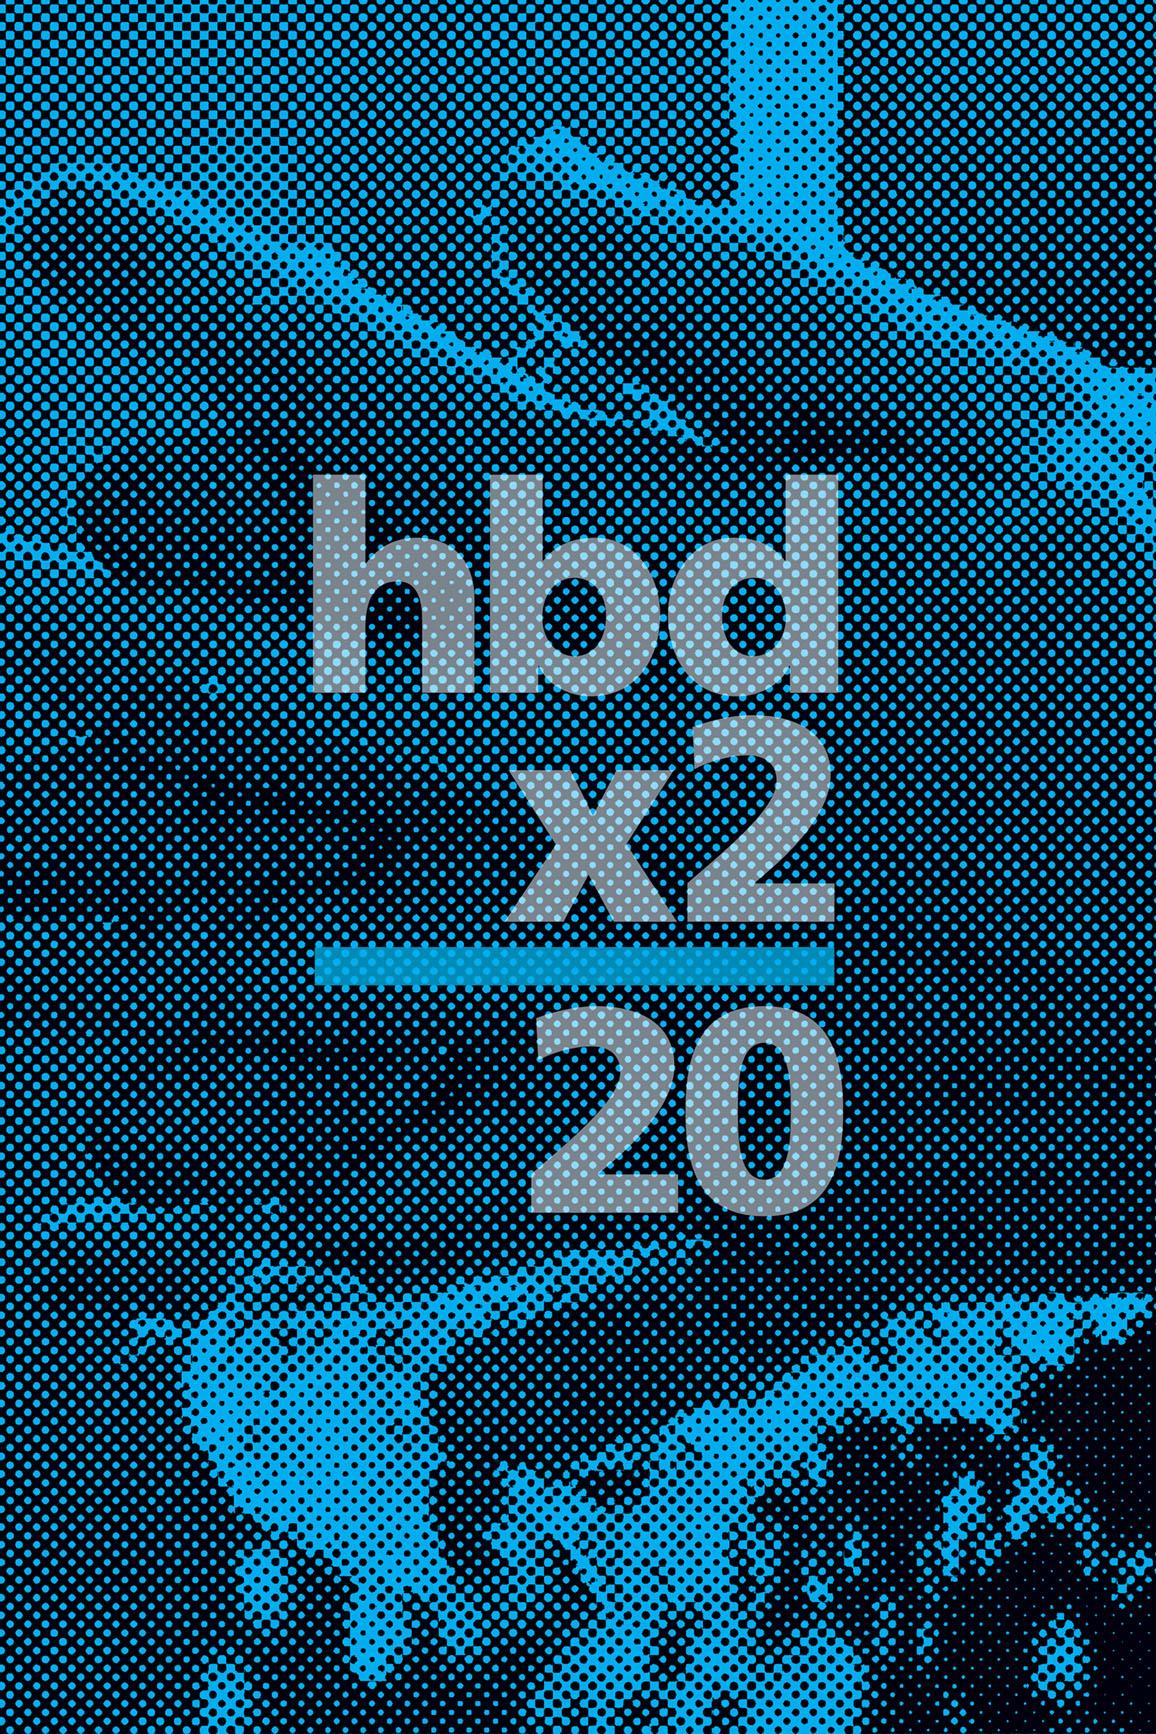 hbdx2=20